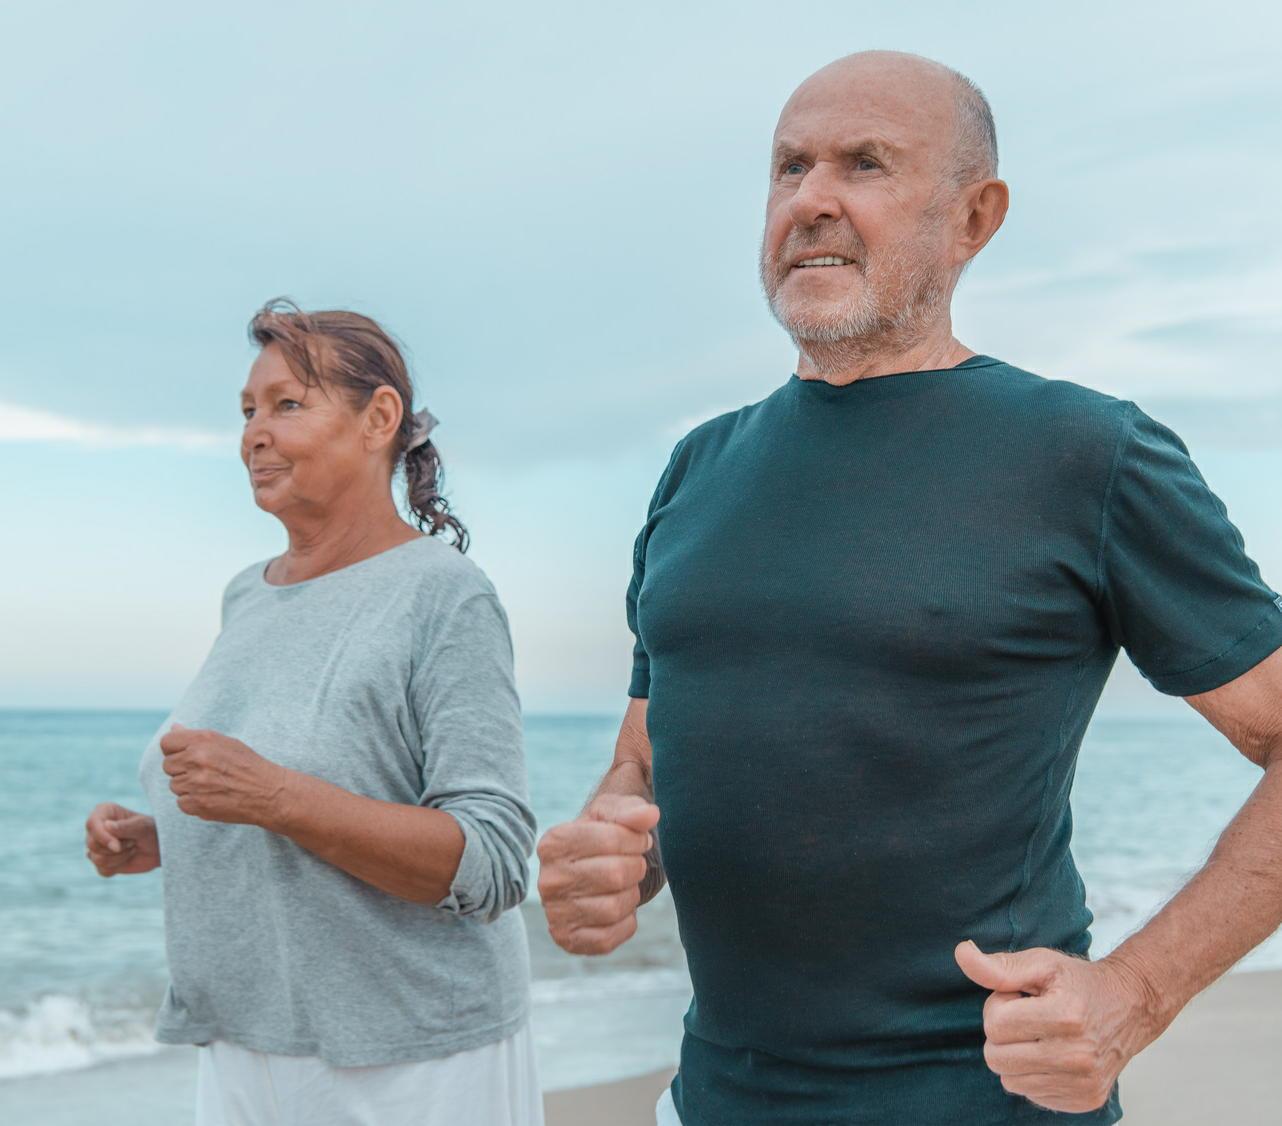 人生の後半戦で「運動」は絶対に必要 筋力トレーニングを週2回 若さを保つためにも必須